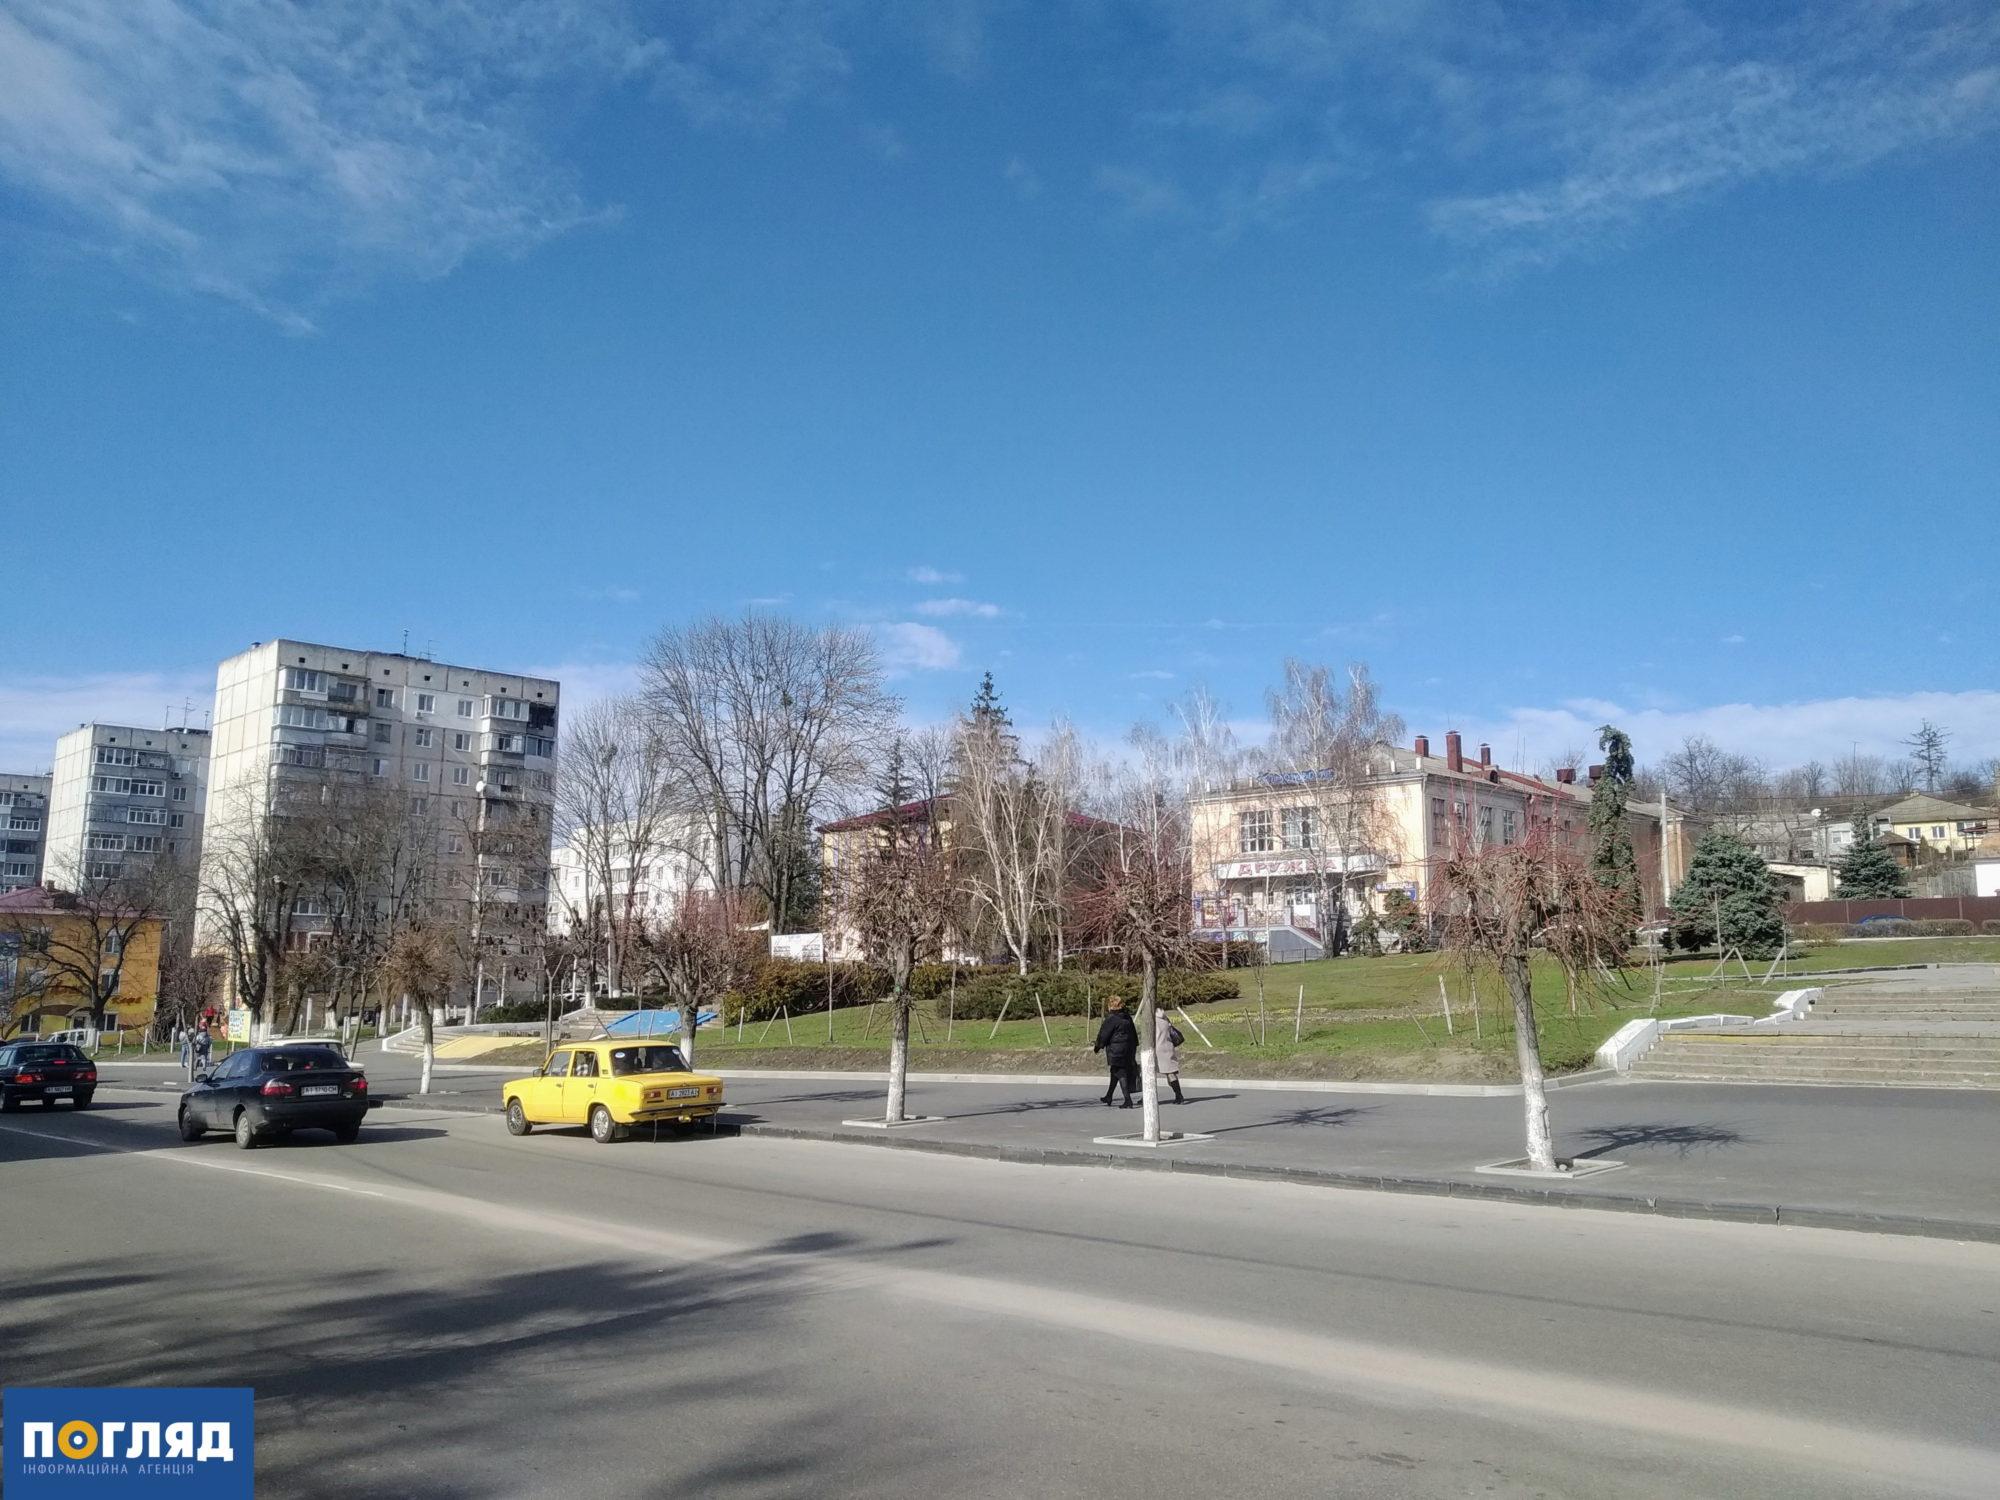 Карантин у Василькові: що працюватиме, а що ні - Васильків - IMG 20200313 1339362 2000x1500